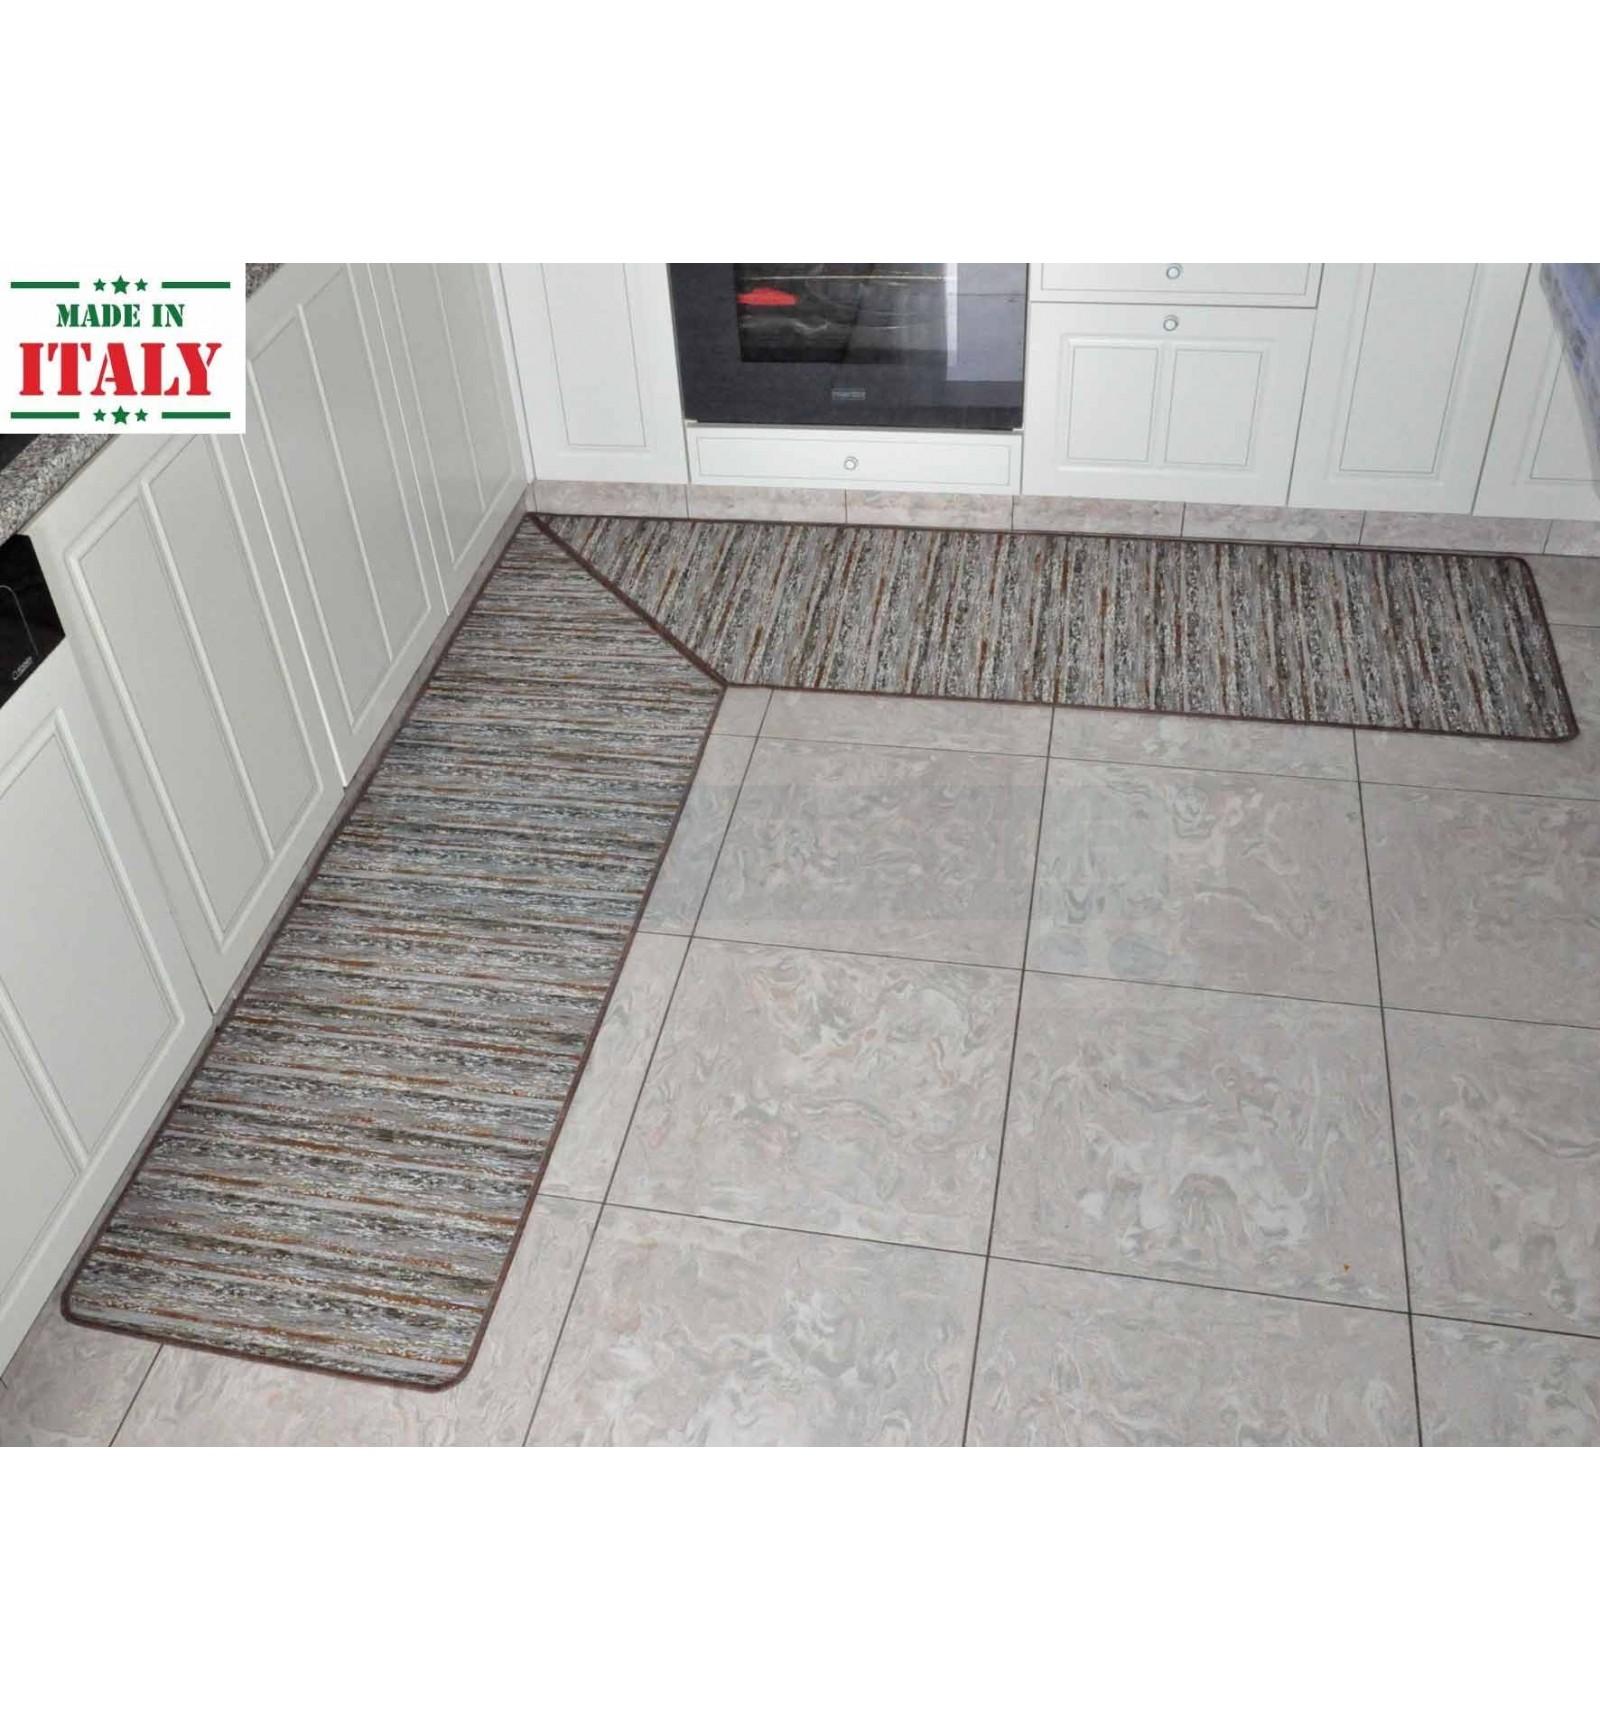 Angolo a 45 gradi su tappeto servizio di taglio su misura - CASA TESSILE